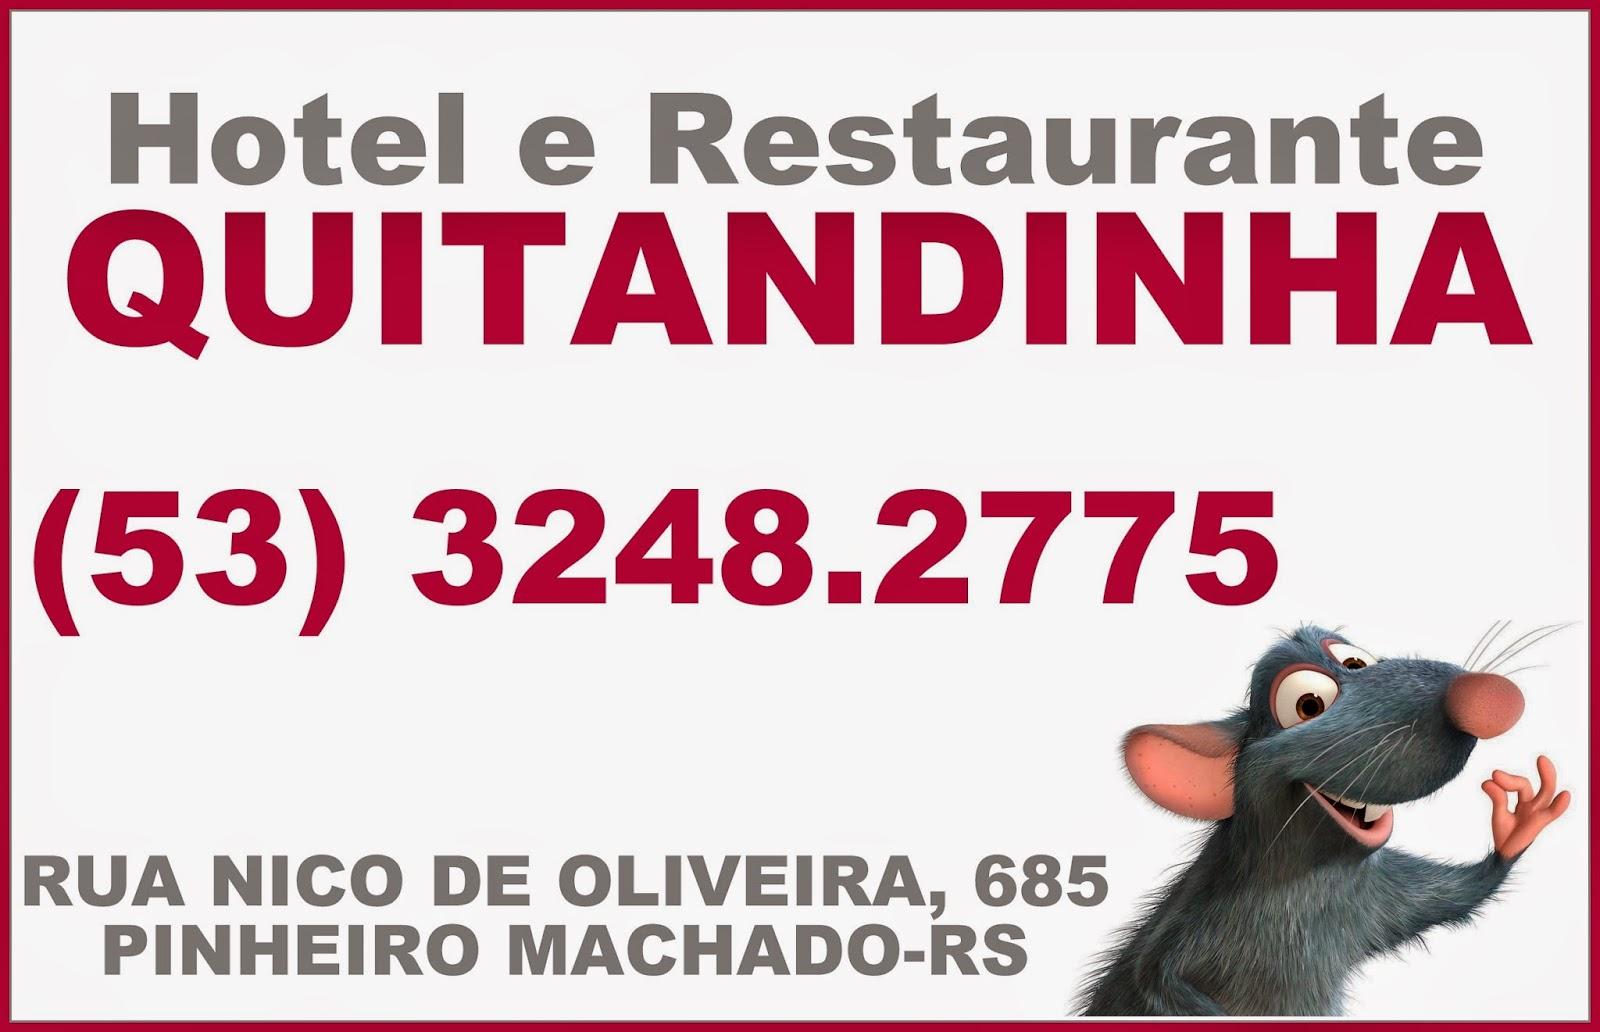 http://pinheironline.blogspot.com.br/2015/01/hotel-e-restaurante-quitandinha.html